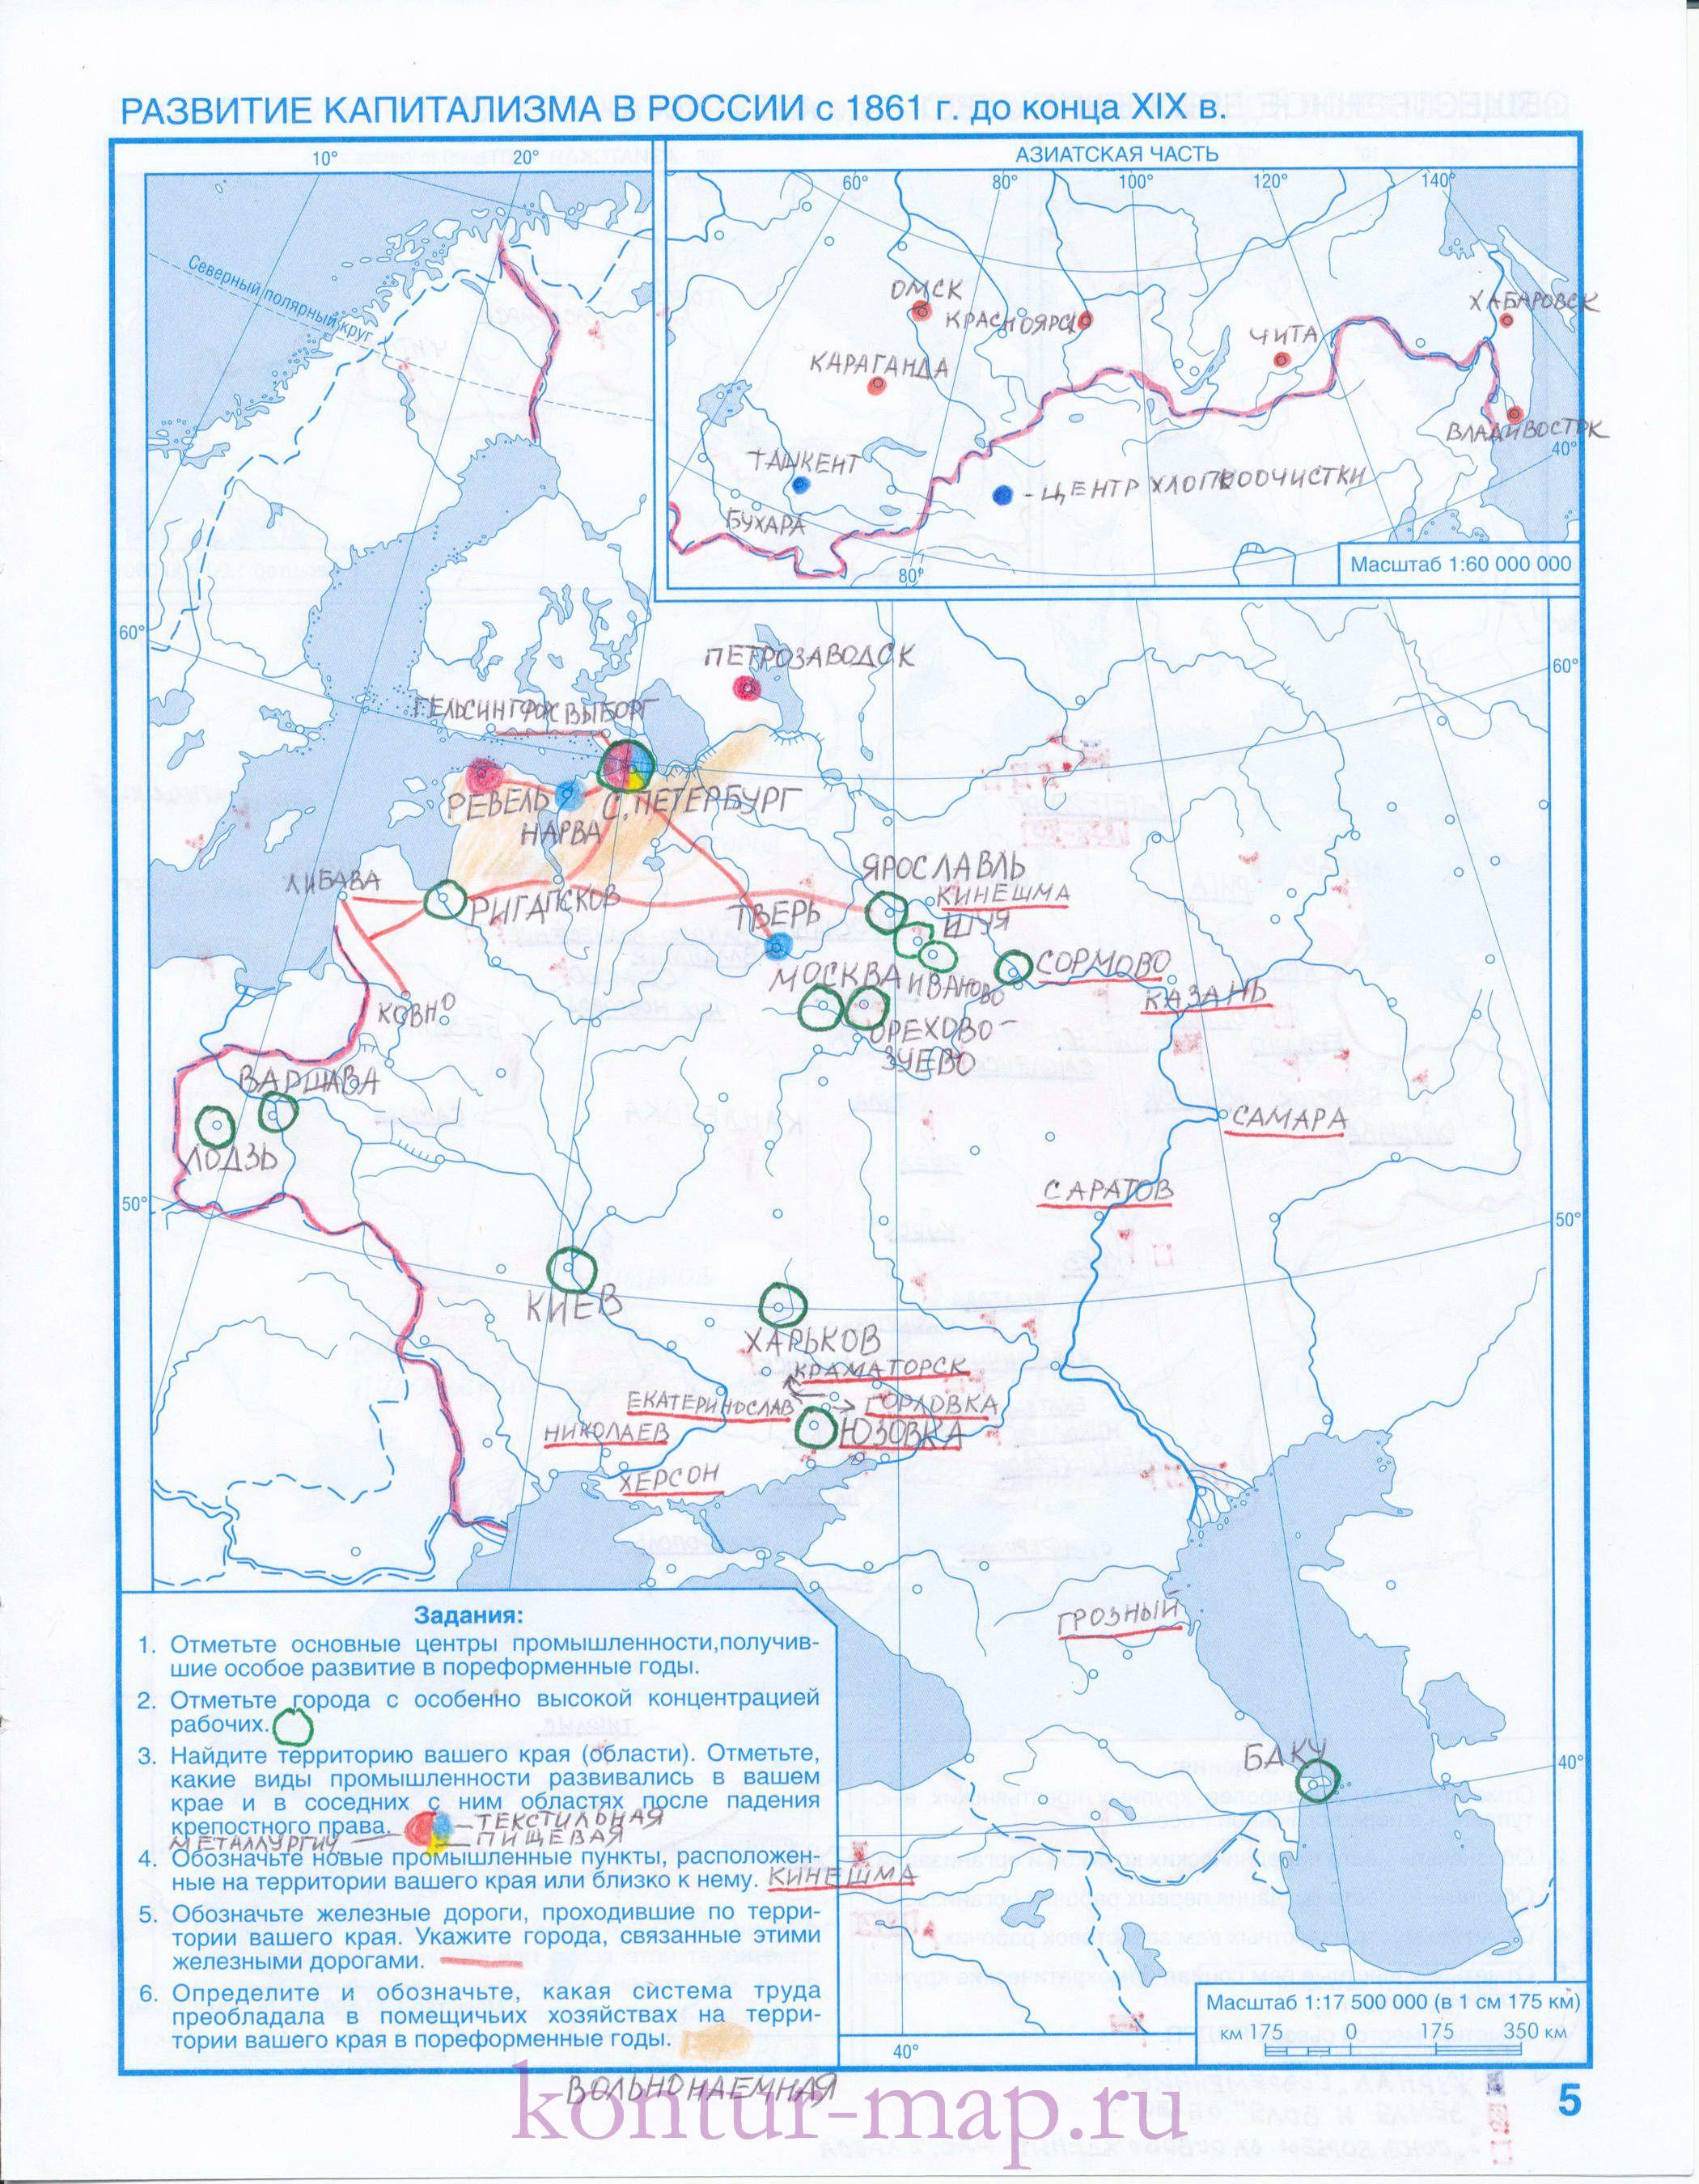 Гдз готовые контурные карты по истории россии 8 класс 19 век онлайн